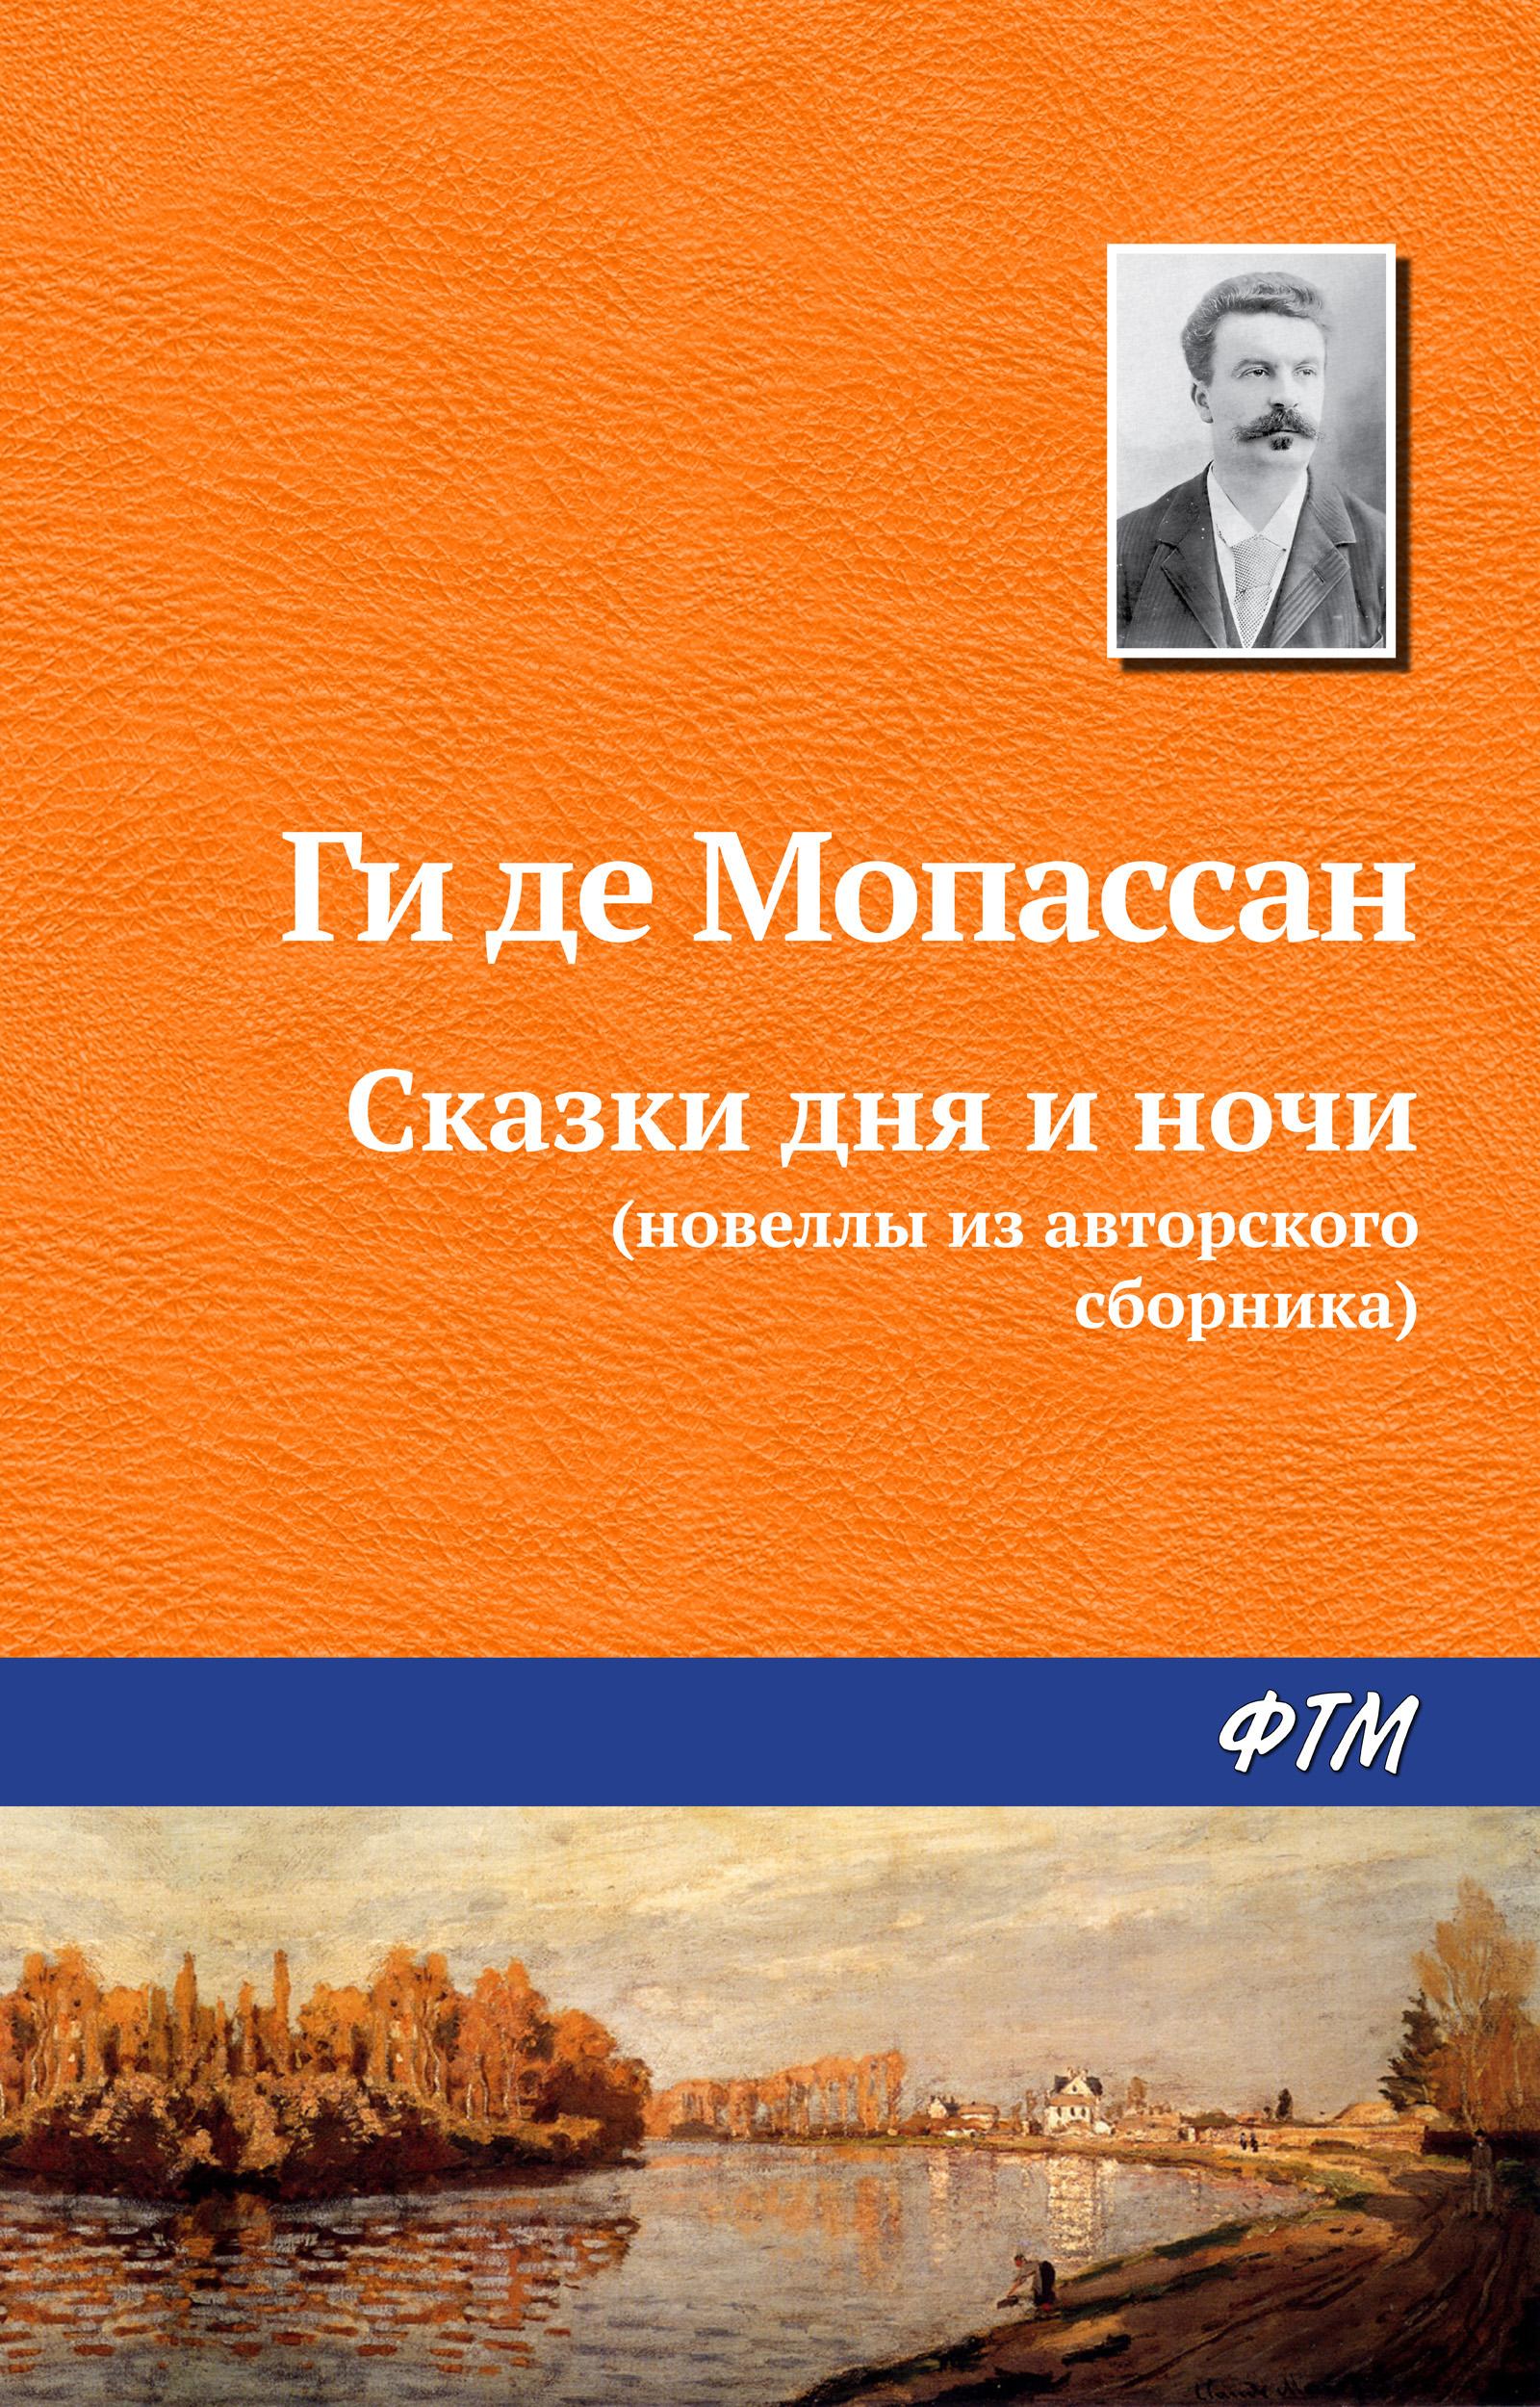 Купить книгу Сказки дня и ночи, автора Ги де Мопассан